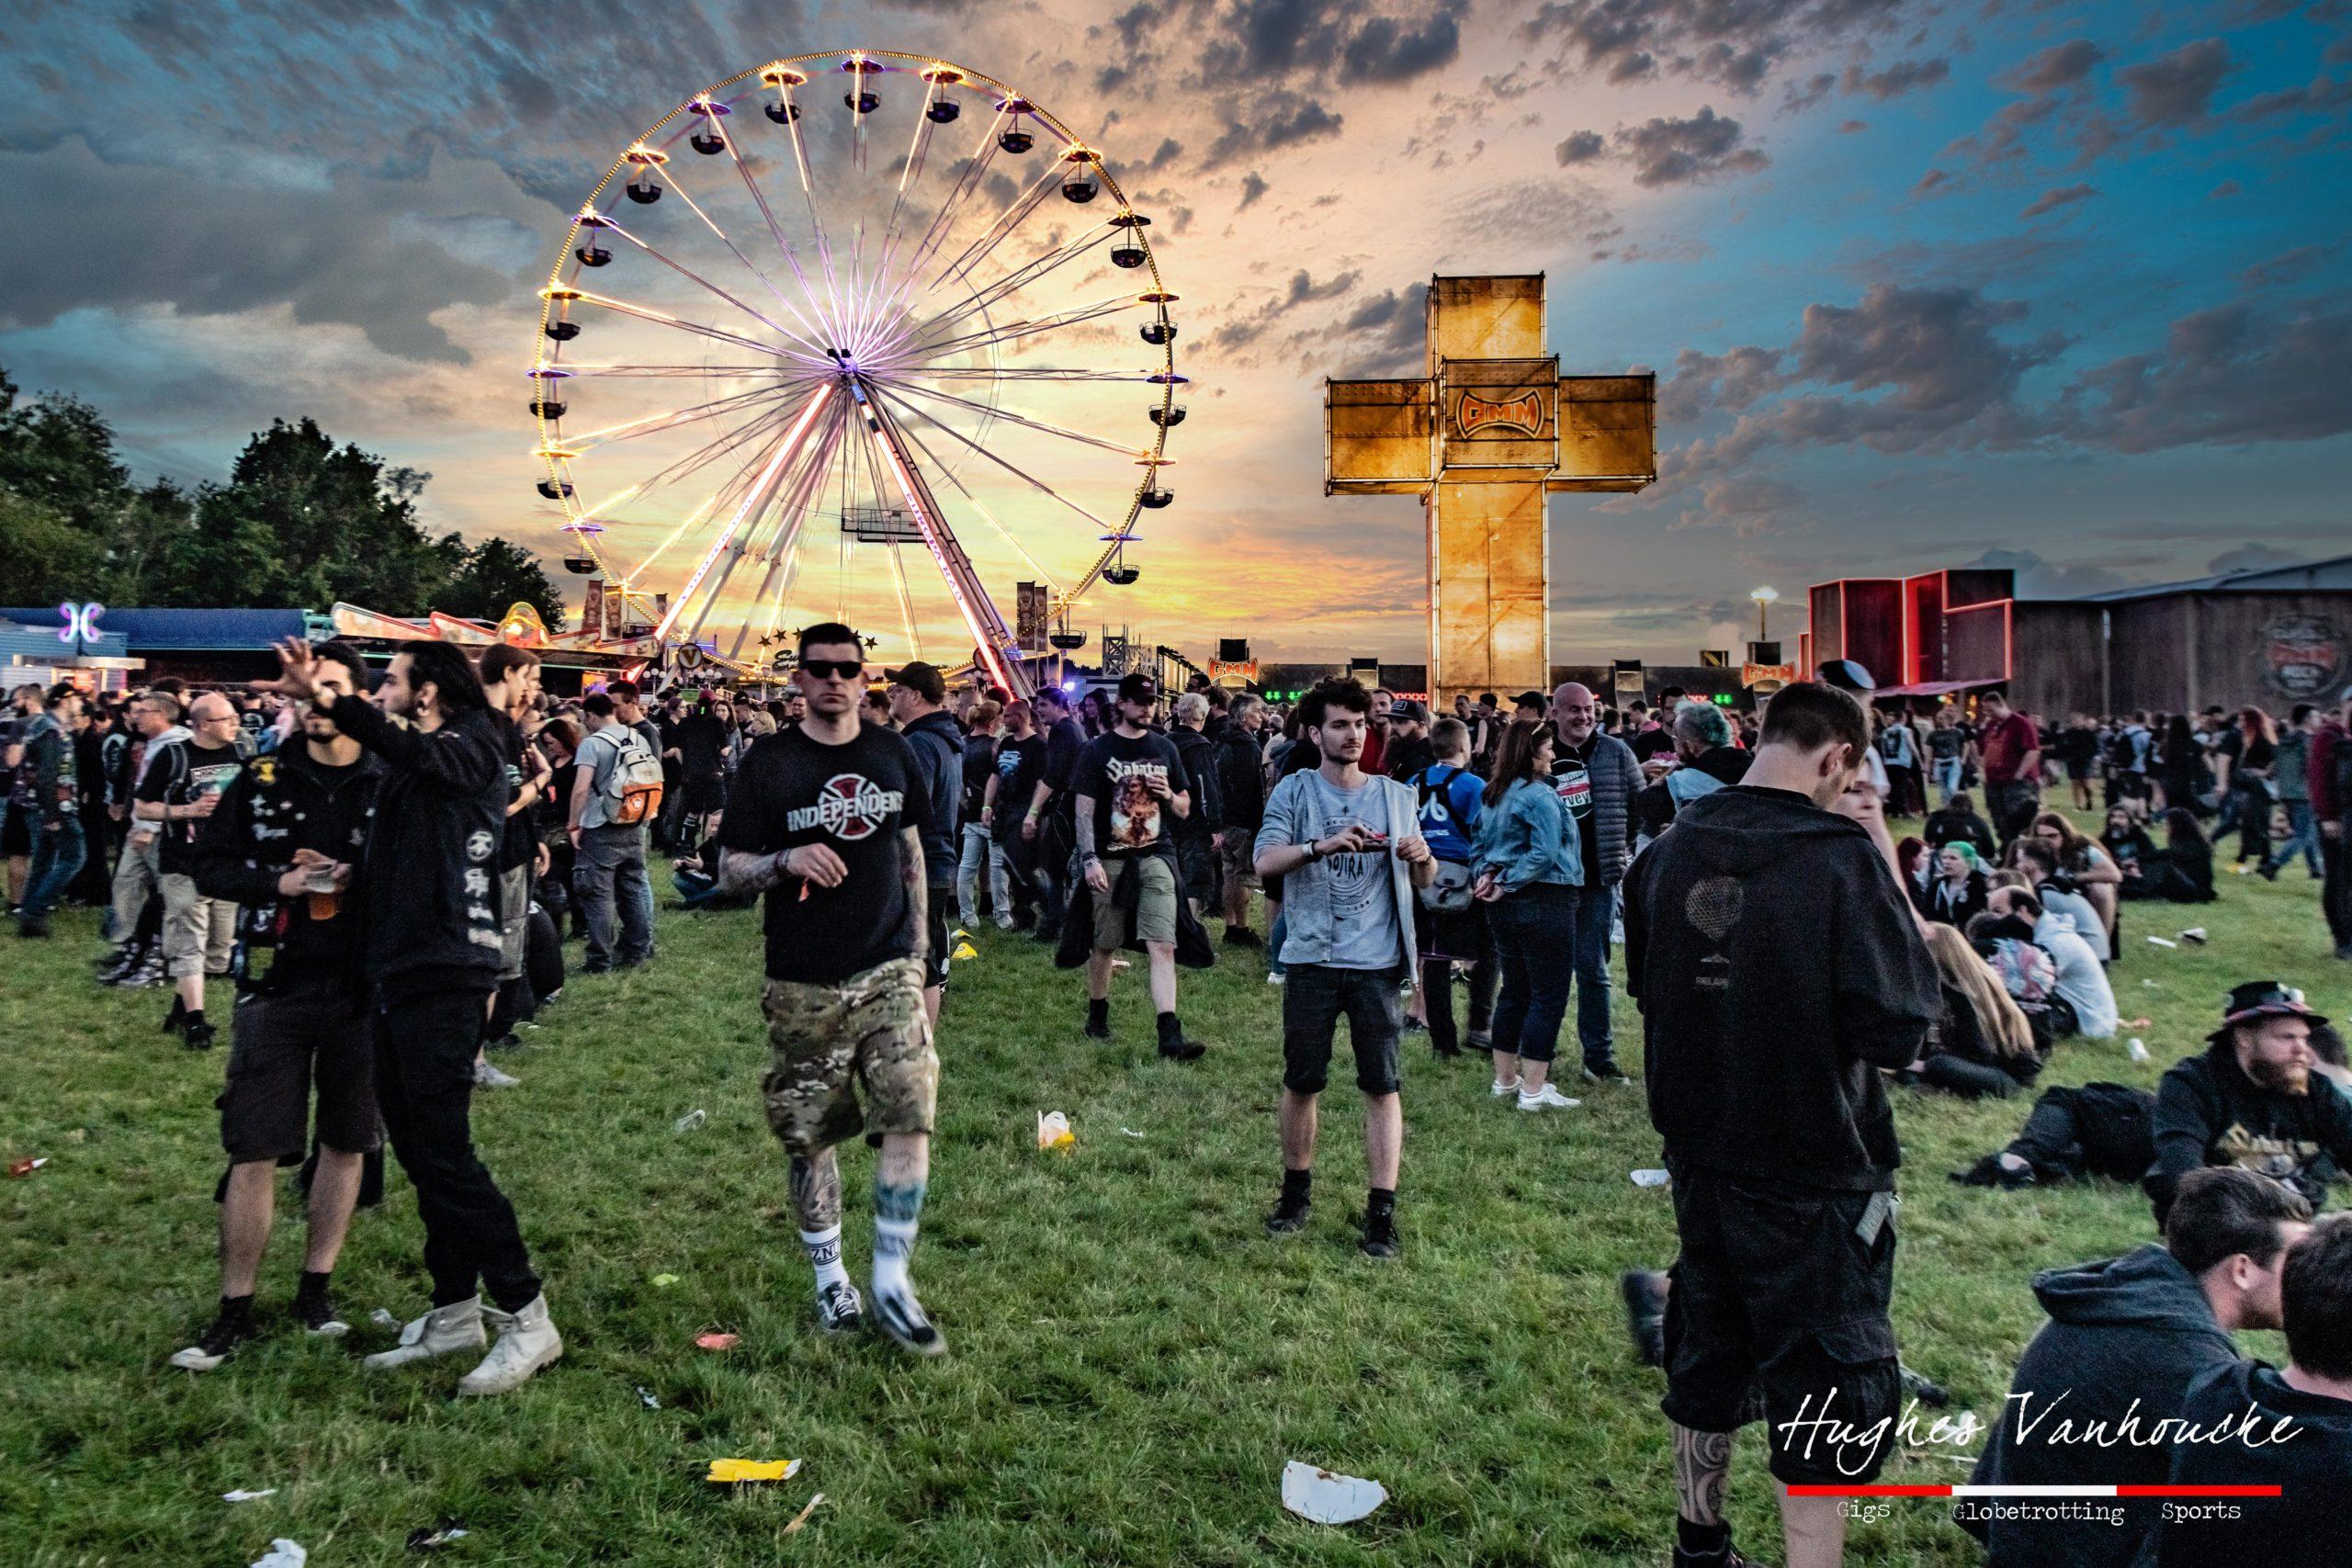 Weten we over een aantal weken meer over massa evenementen zoals festivals?